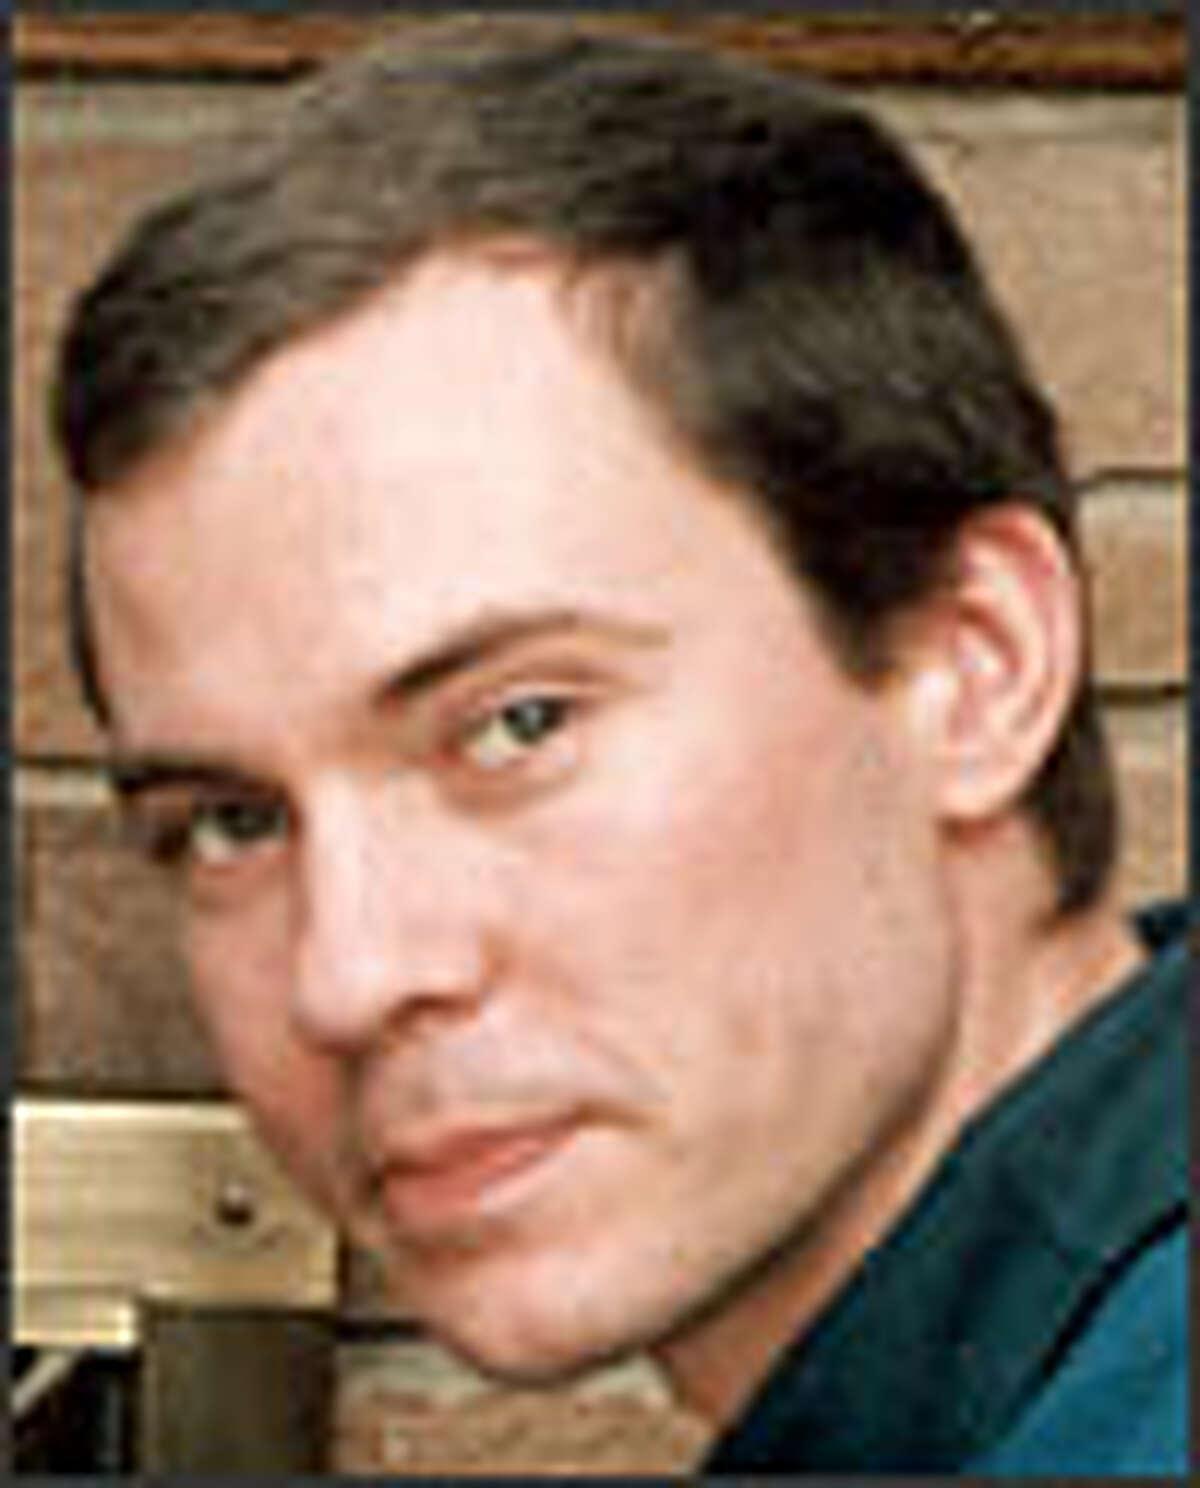 Mentally ill man convicted of killing two Washington